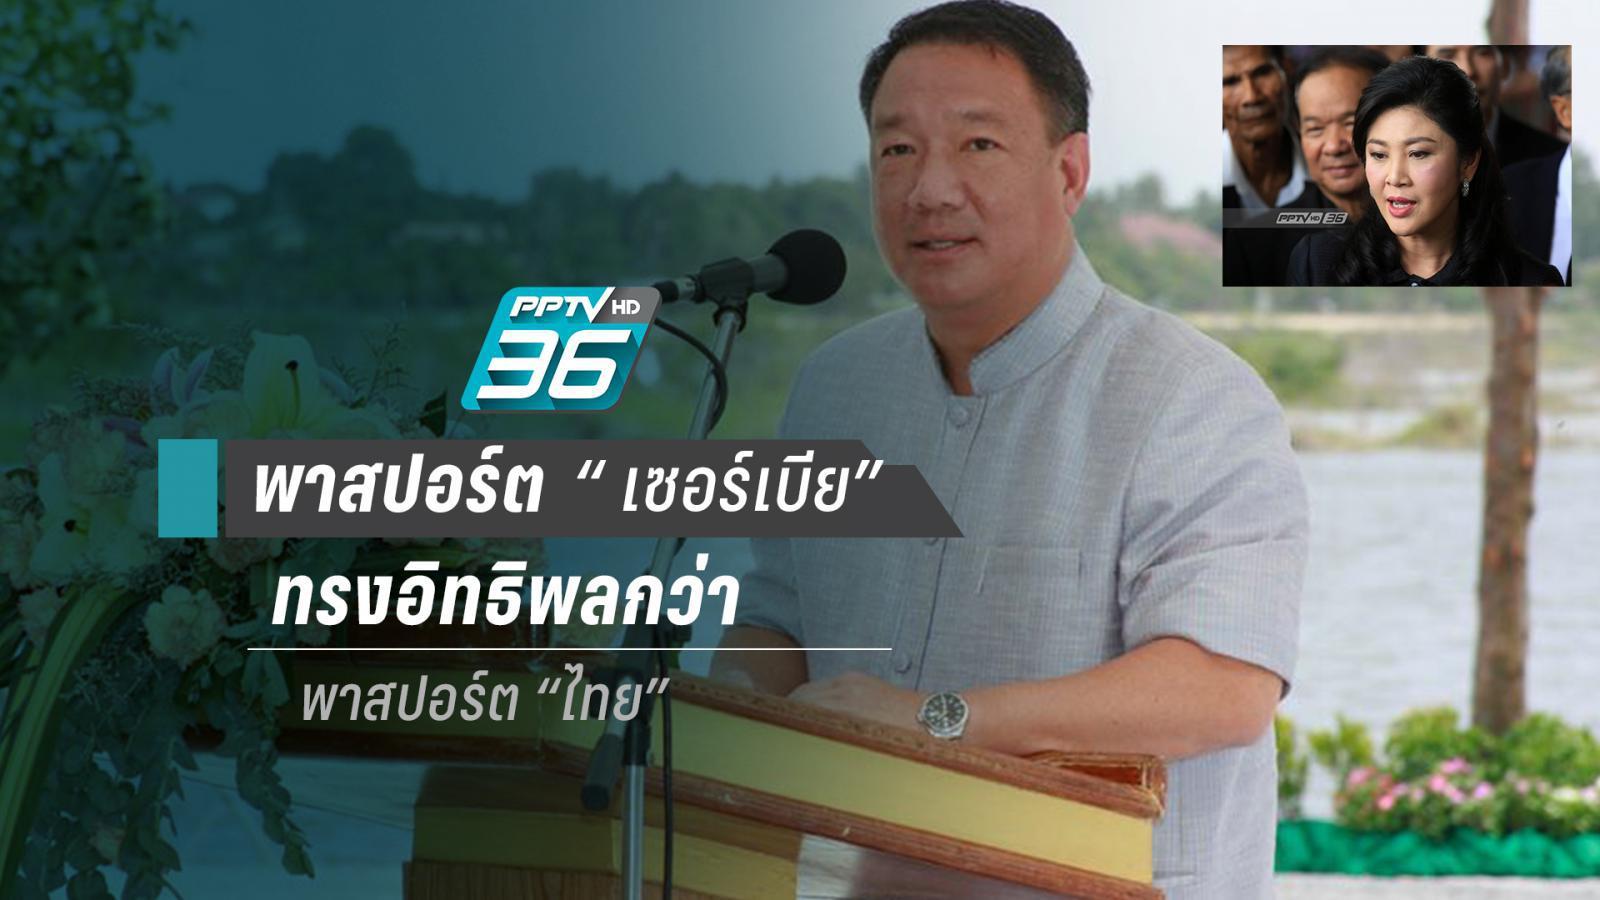 """""""กิตติรัตน์"""" ปลื้ม """"ยิ่งลักษณ์"""" ได้พาสปอร์ตเซอร์เบีย ชี้ไปต่างประเทศไม่ต้องใช้วีซ่ามากกว่าของไทย"""